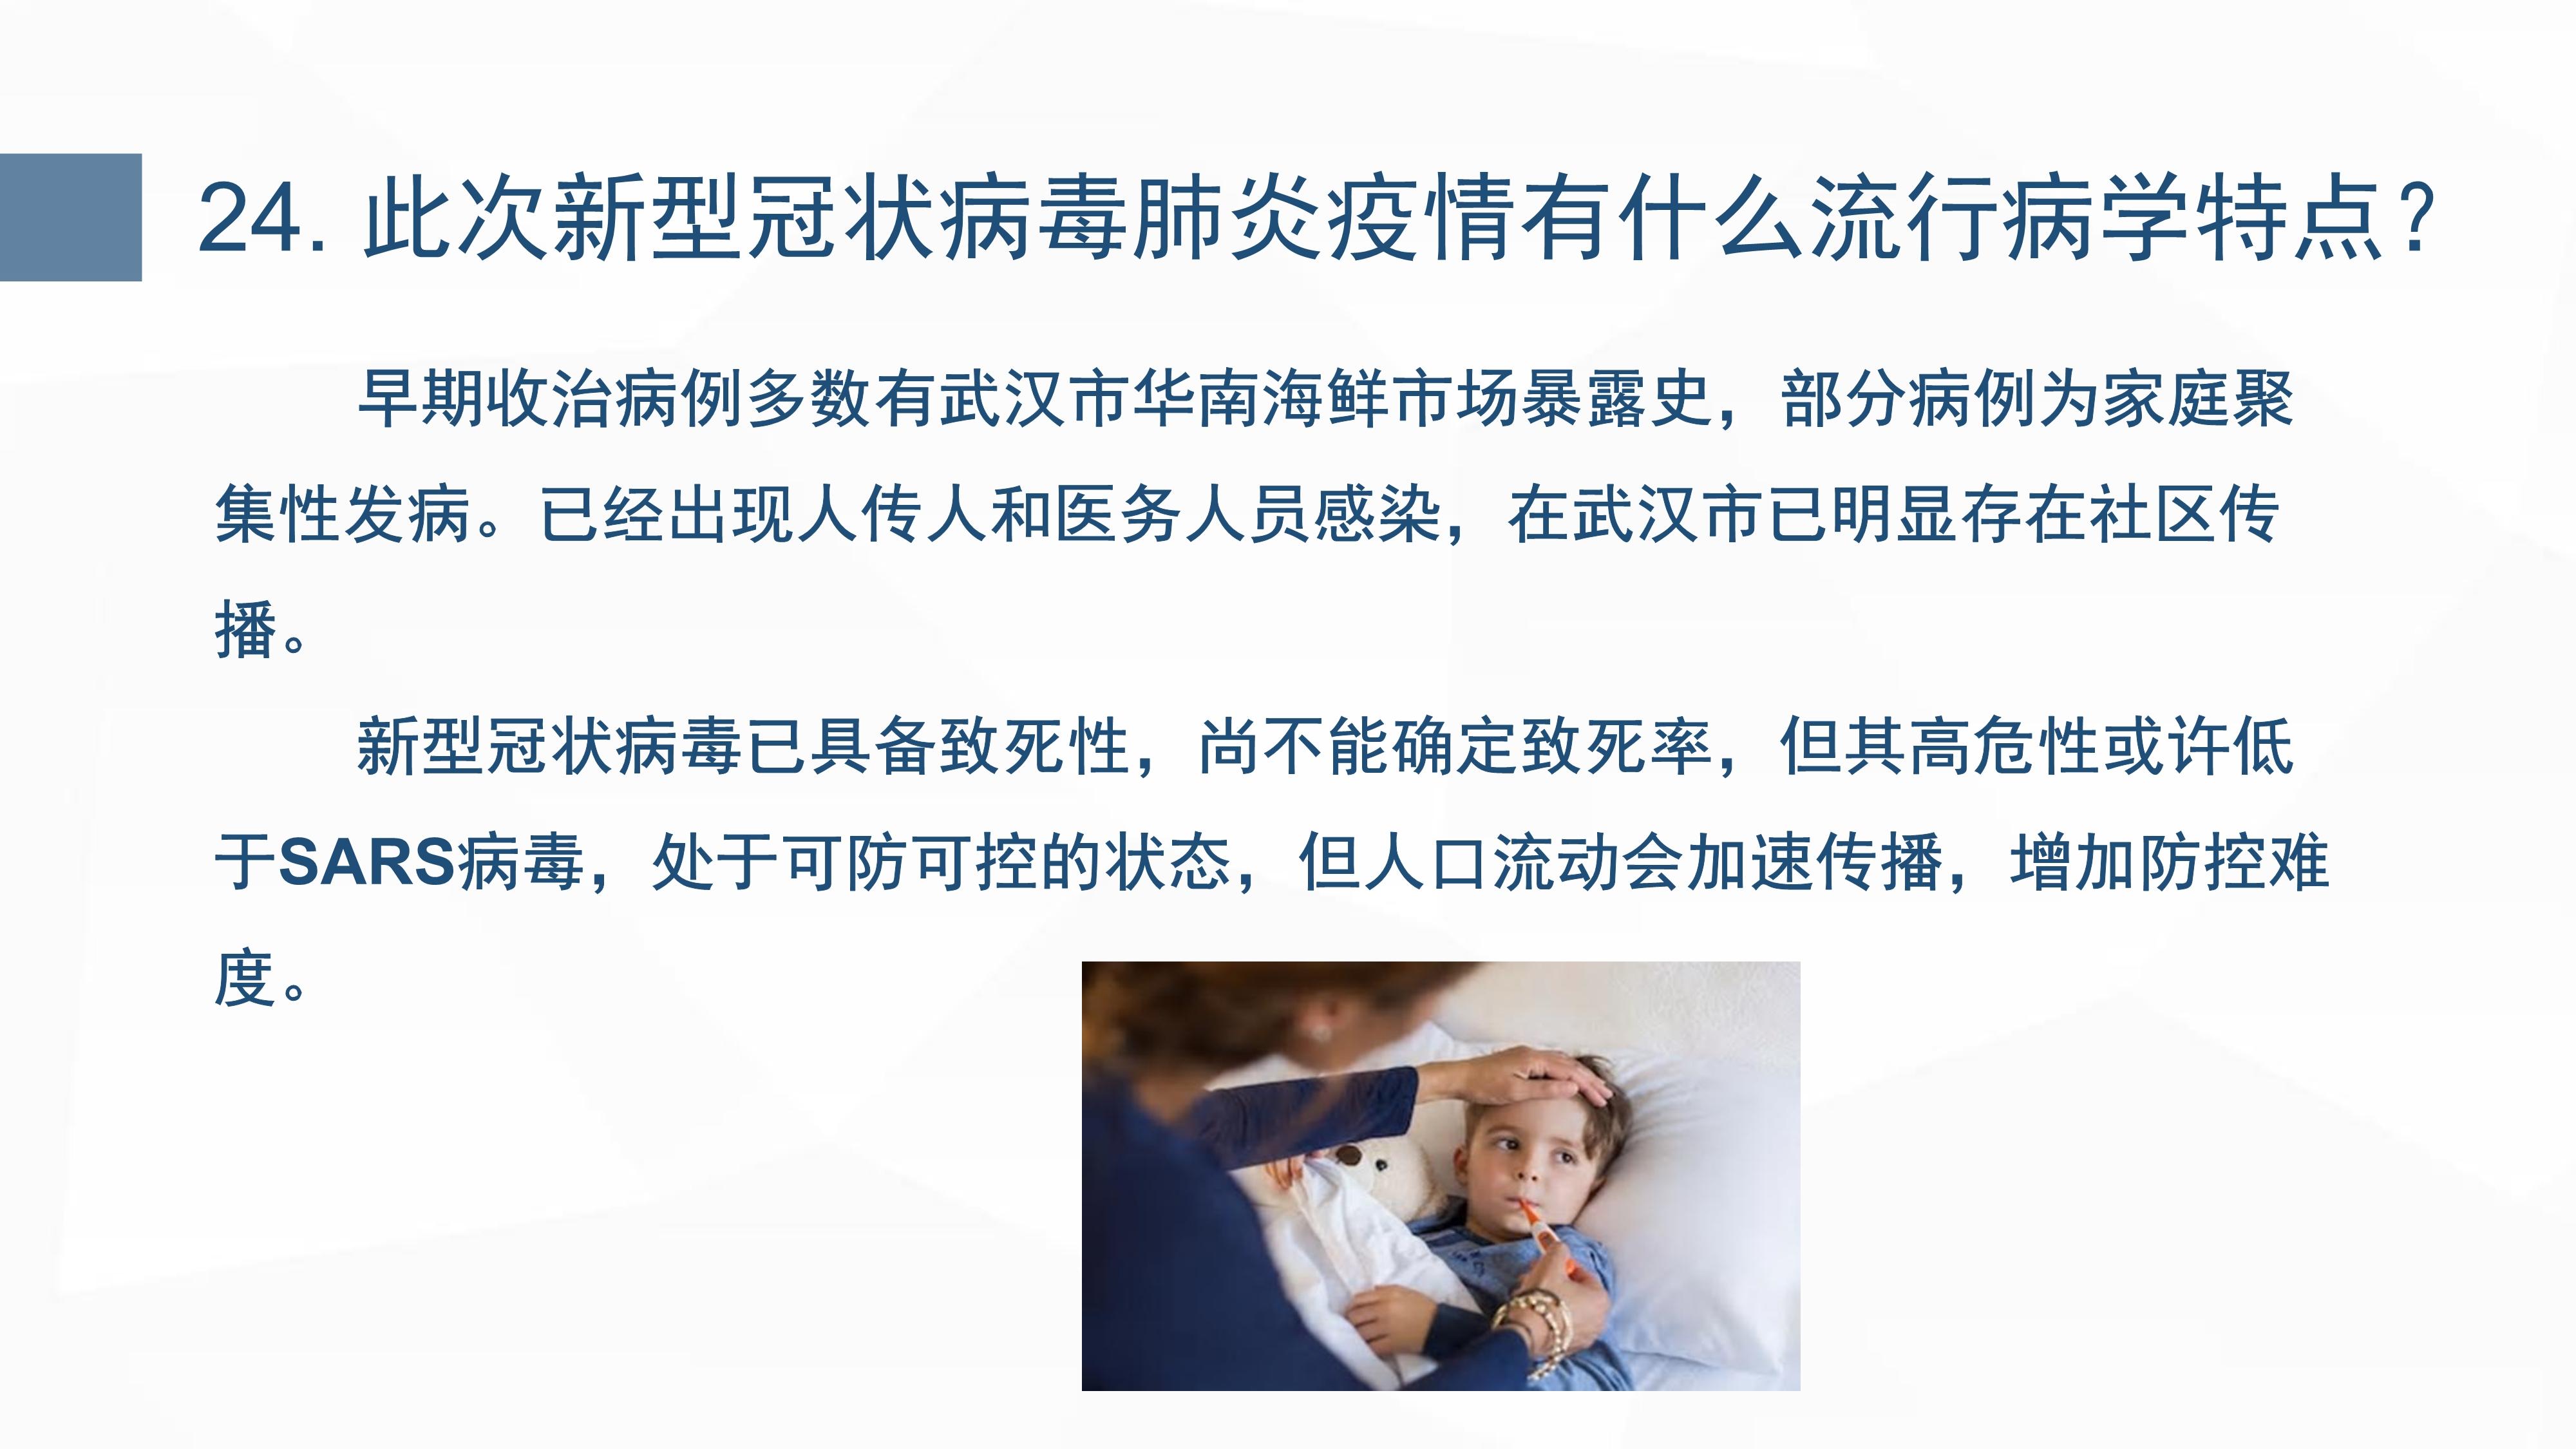 新型冠状病毒肺炎预防手册_31